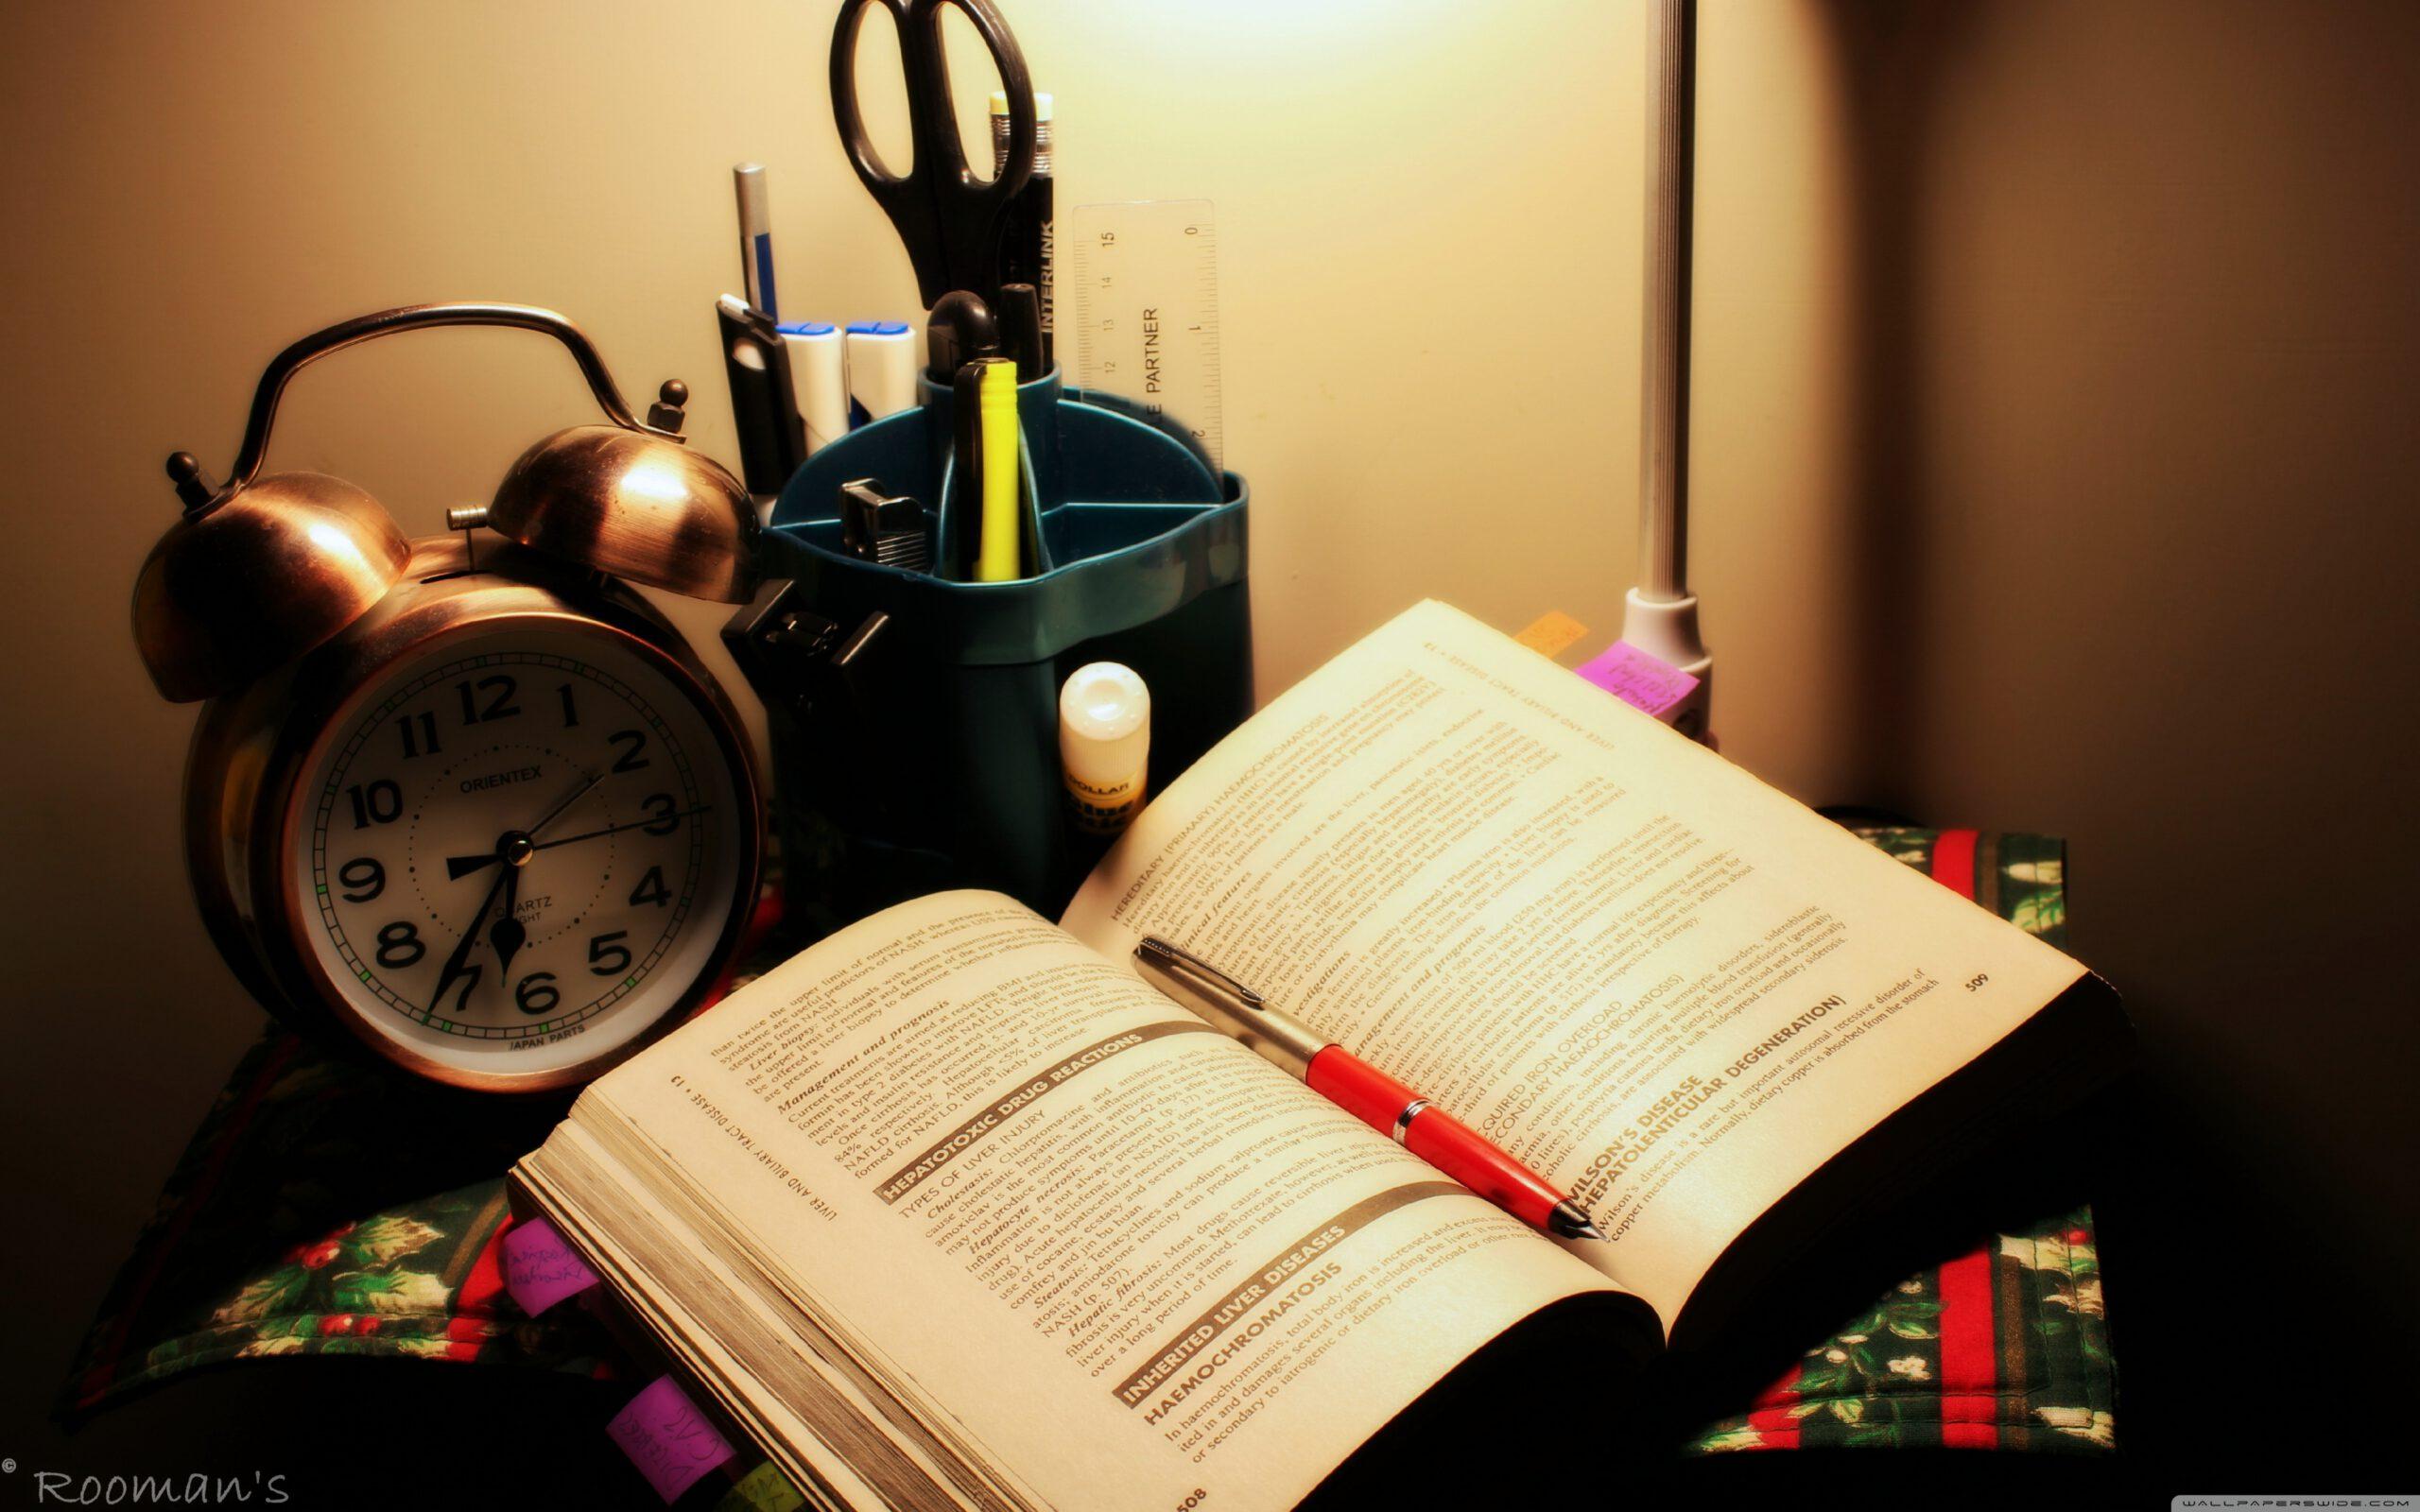 مقالات علمی | مقالات علمی پژوهشی